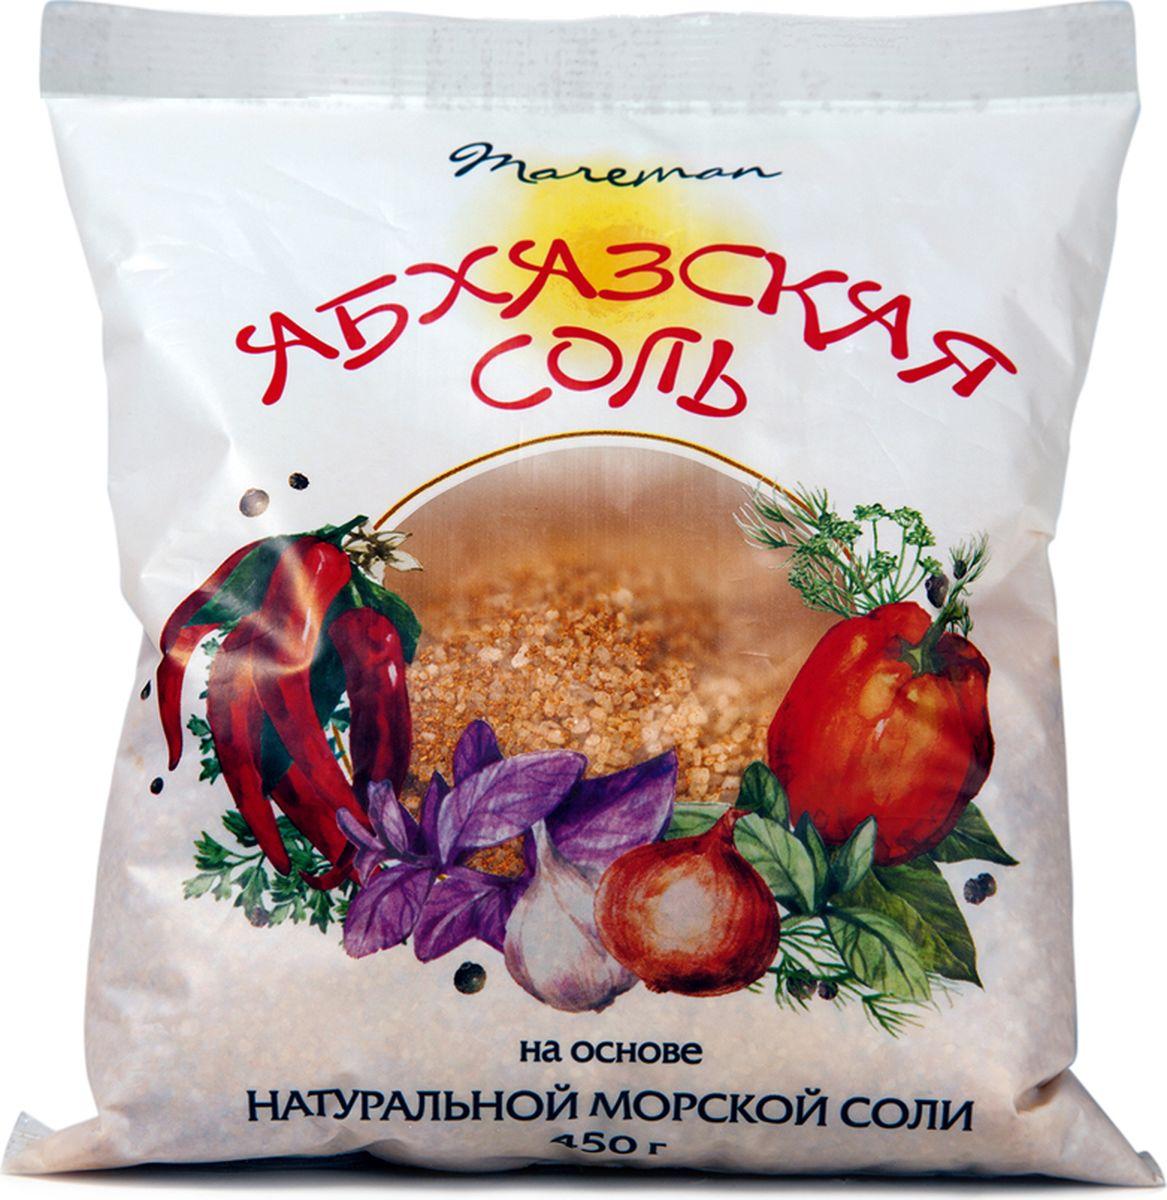 Mareman соль Абхазская, 450 г4607012294265Аджика в переводе с абхазского означает соль, сами же абхазы называют эту приправу апырпыл-джика (перечная соль) или аджиктцатца), то есть соль, перетертая с чем-то. Ее появление связывают с абхазскими чабанами, когда весной угонялись отары в горы, хозяева выдавали чабанам соль для добавки в питание только лишь овцам. После приема пищи с солью овцы, томимые жаждой, ели травы намного больше и быстрее набирали в весе. В те давние времена соль была дорогим товаром, и хозяева отар специально подмешивали в нее красный жгучий перец, чтобы чабаны не присыпали ей свою еду. После чего соль теряла свой первоначальный вид, однако это не помешало чабанам использовать ее в качестве ароматной приправы, добавив чеснок, кинзу, хмели-сунели и прочие пряности. Традиционная аджика, приготовленная по старинным рецептам, с добавлением натуральной морской соли подарила нашему столу абхазскую соль. Уважаемые клиенты! Обращаем ваше внимание, что полный перечень состава продукта...